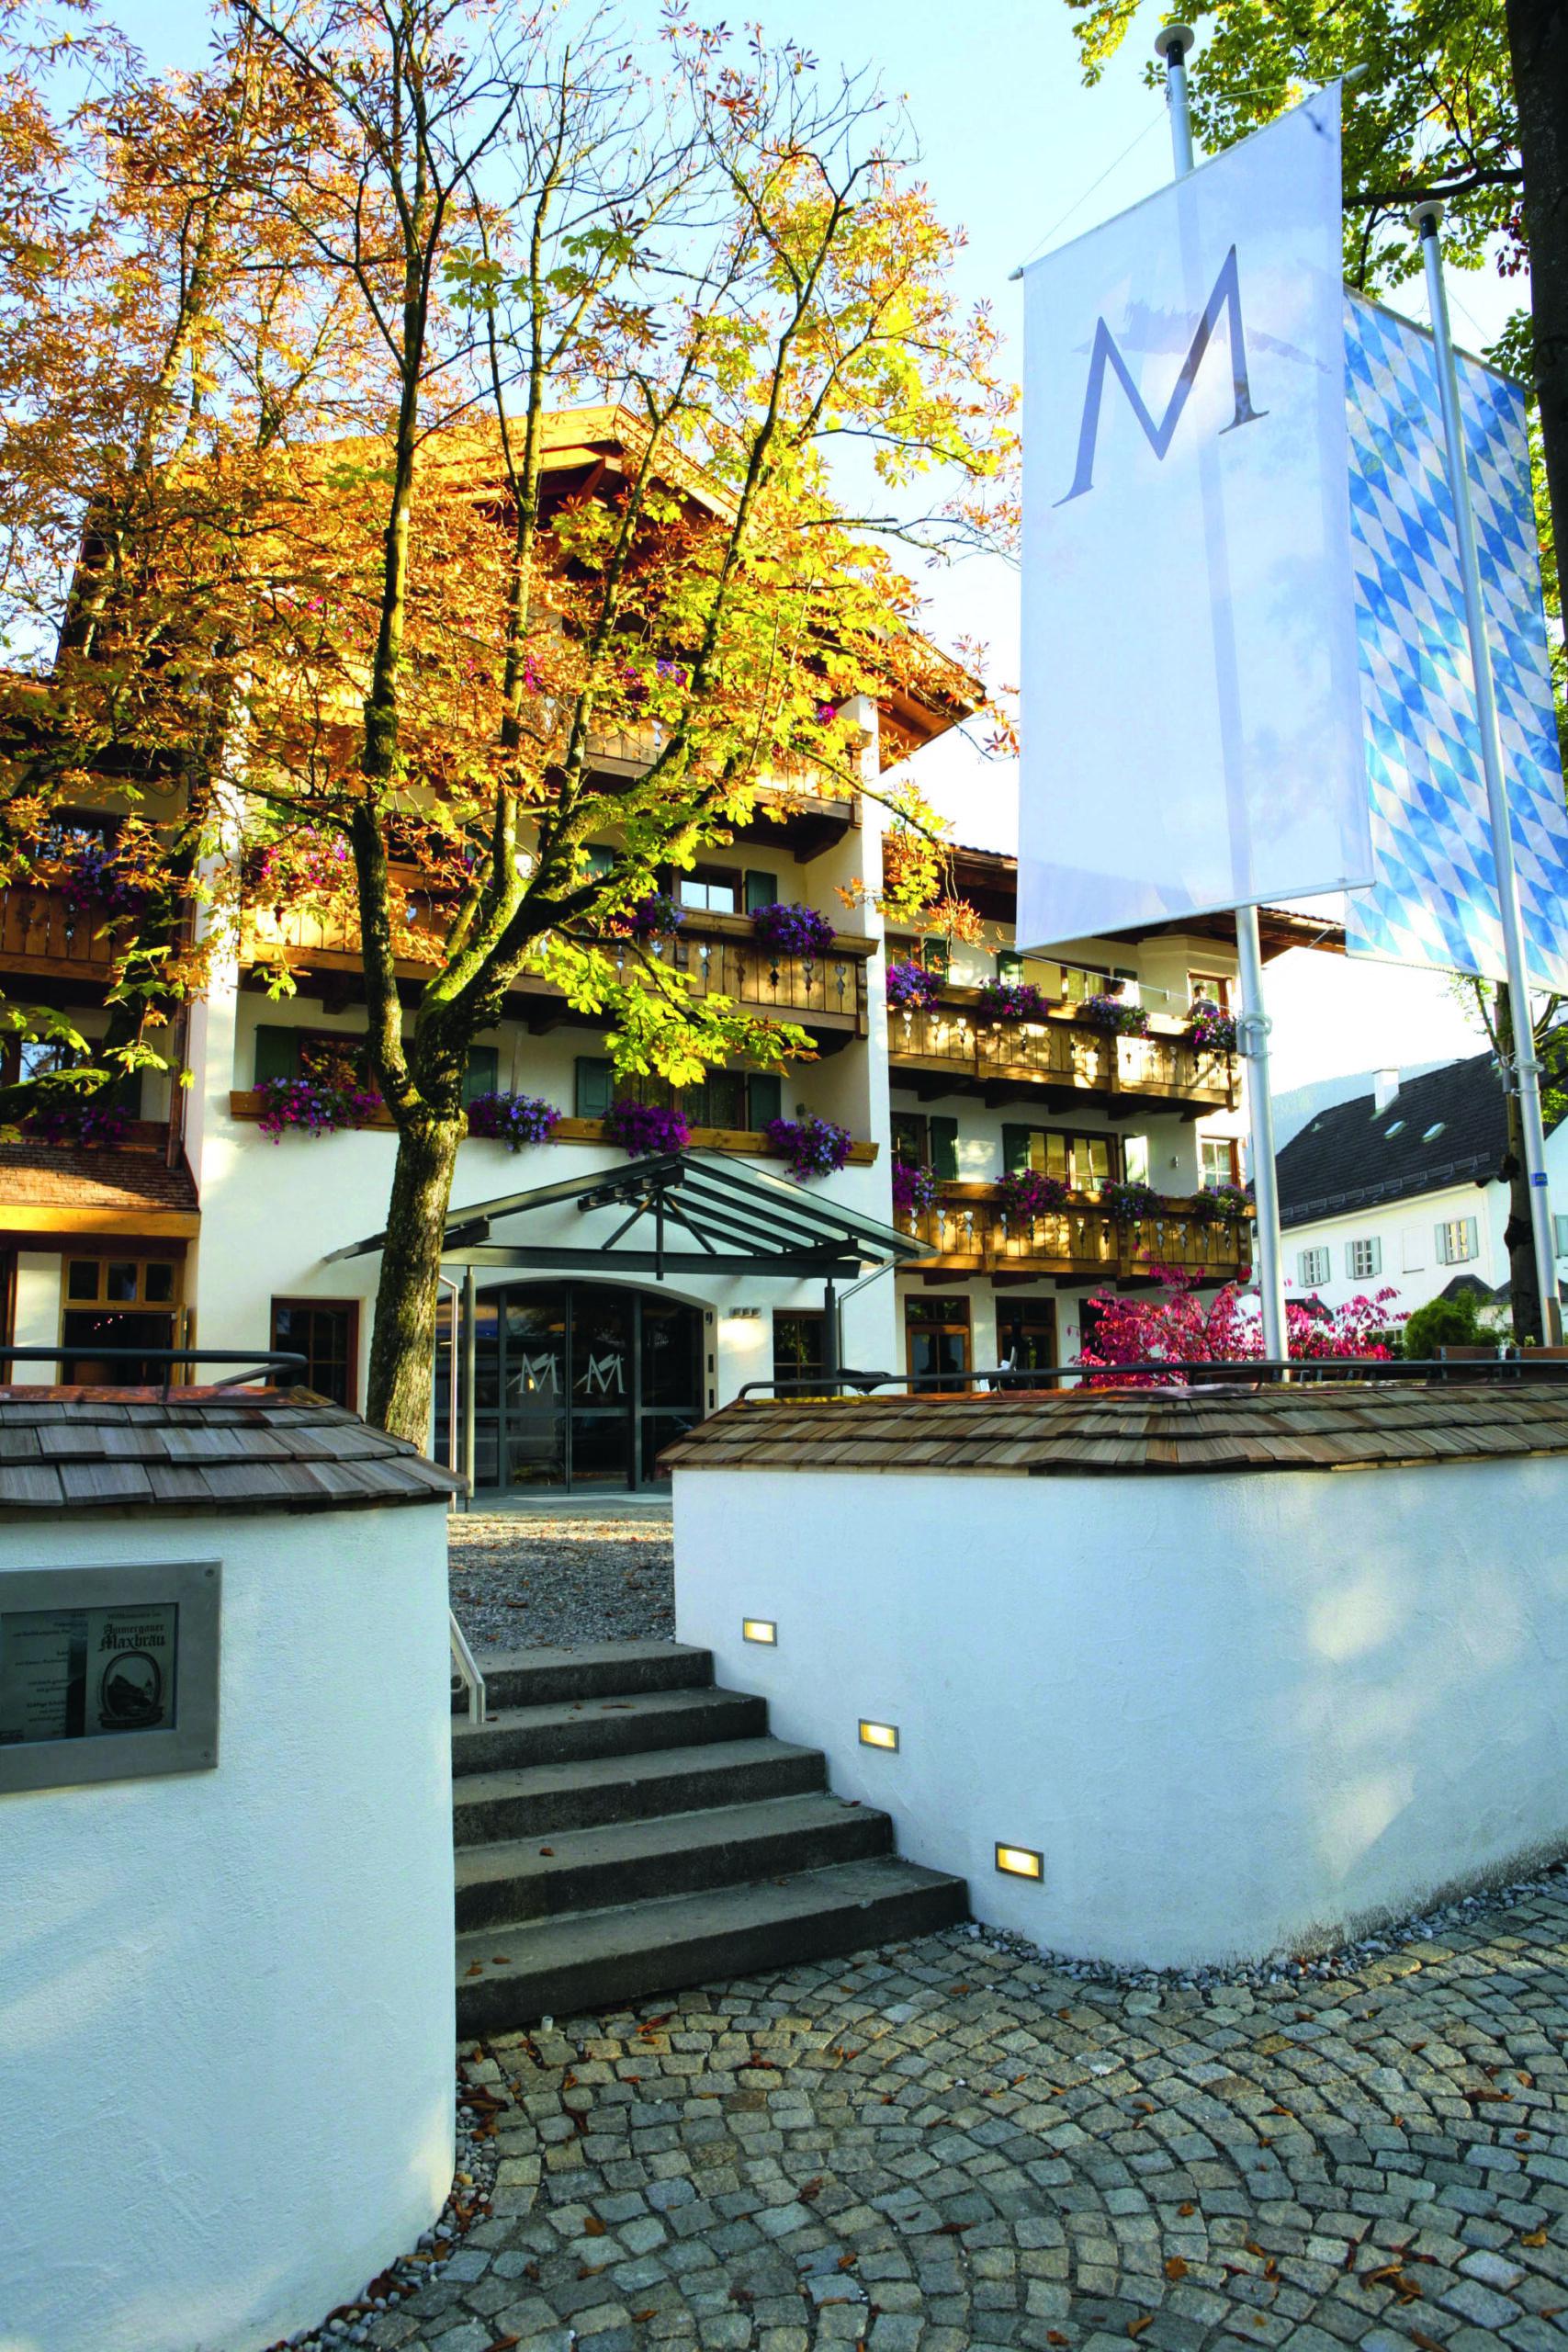 Entschleunigung mit Bergblick - 3 städtische Hideaways für einen goldenen Herbst